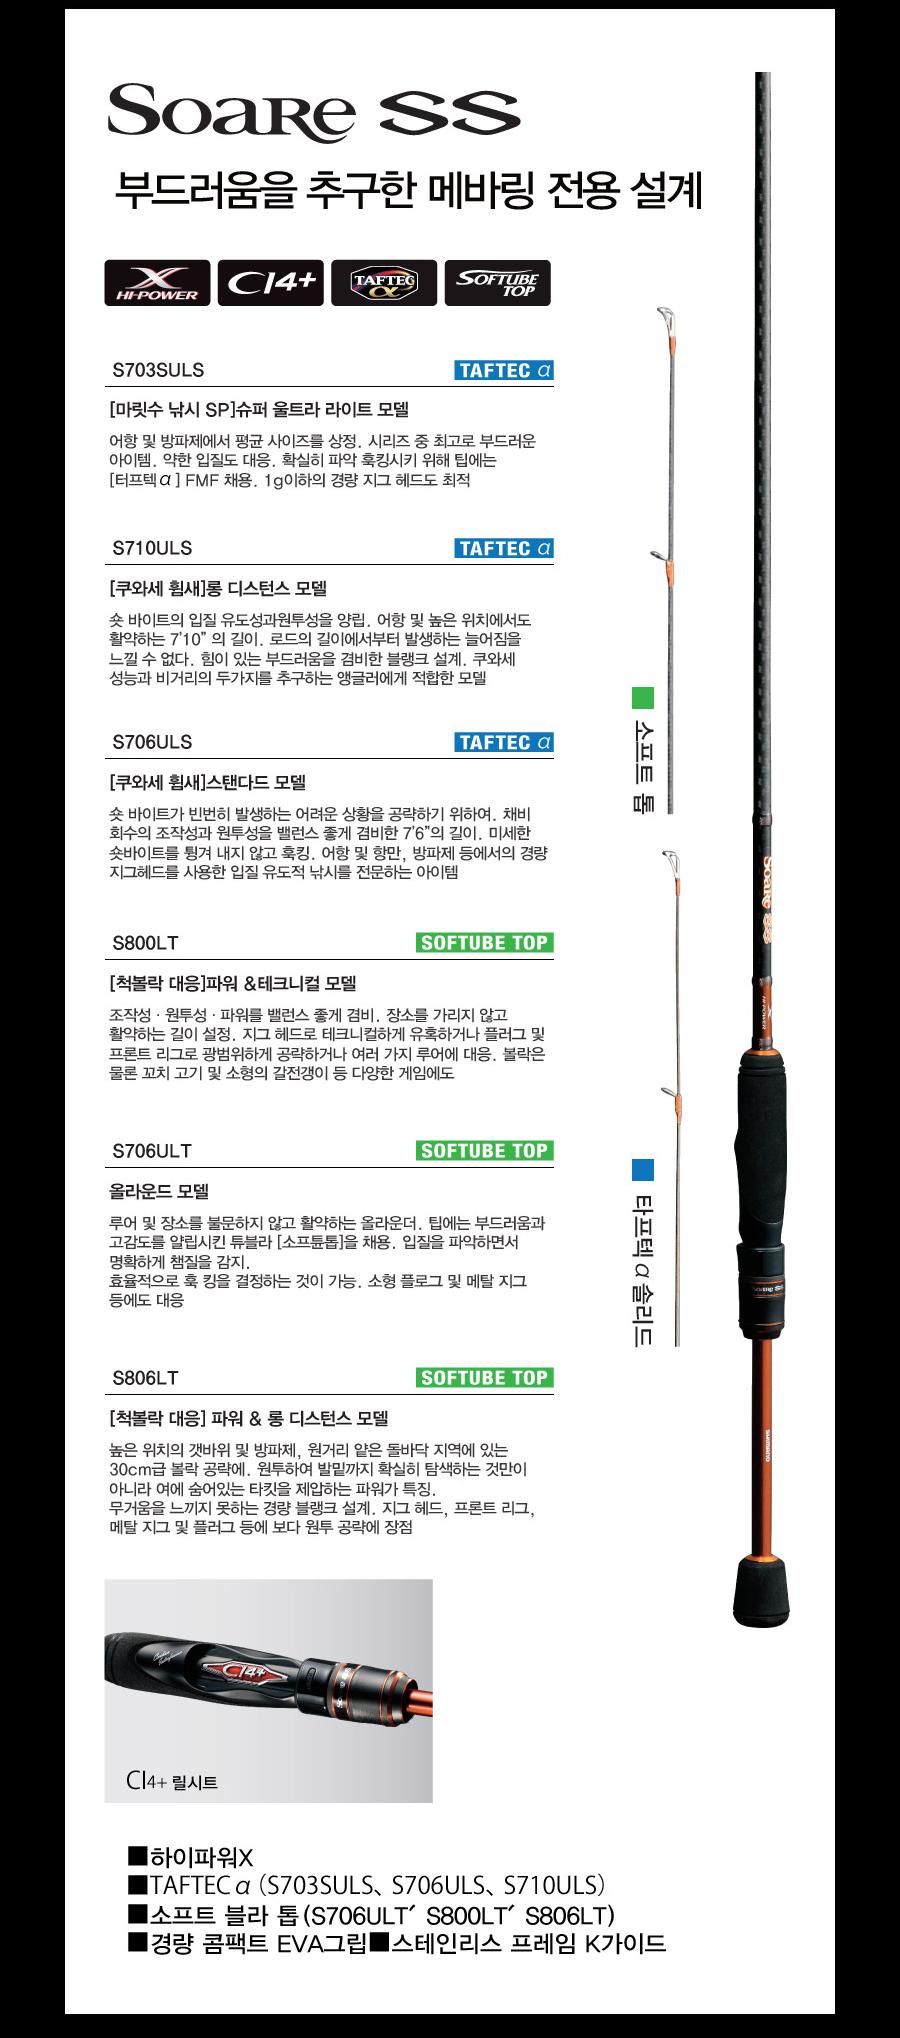 시마노 소아레 SS (14) [윤성정품] (볼락루어대) 뽈락루어대 메바루대 볼락대 메바링 아징